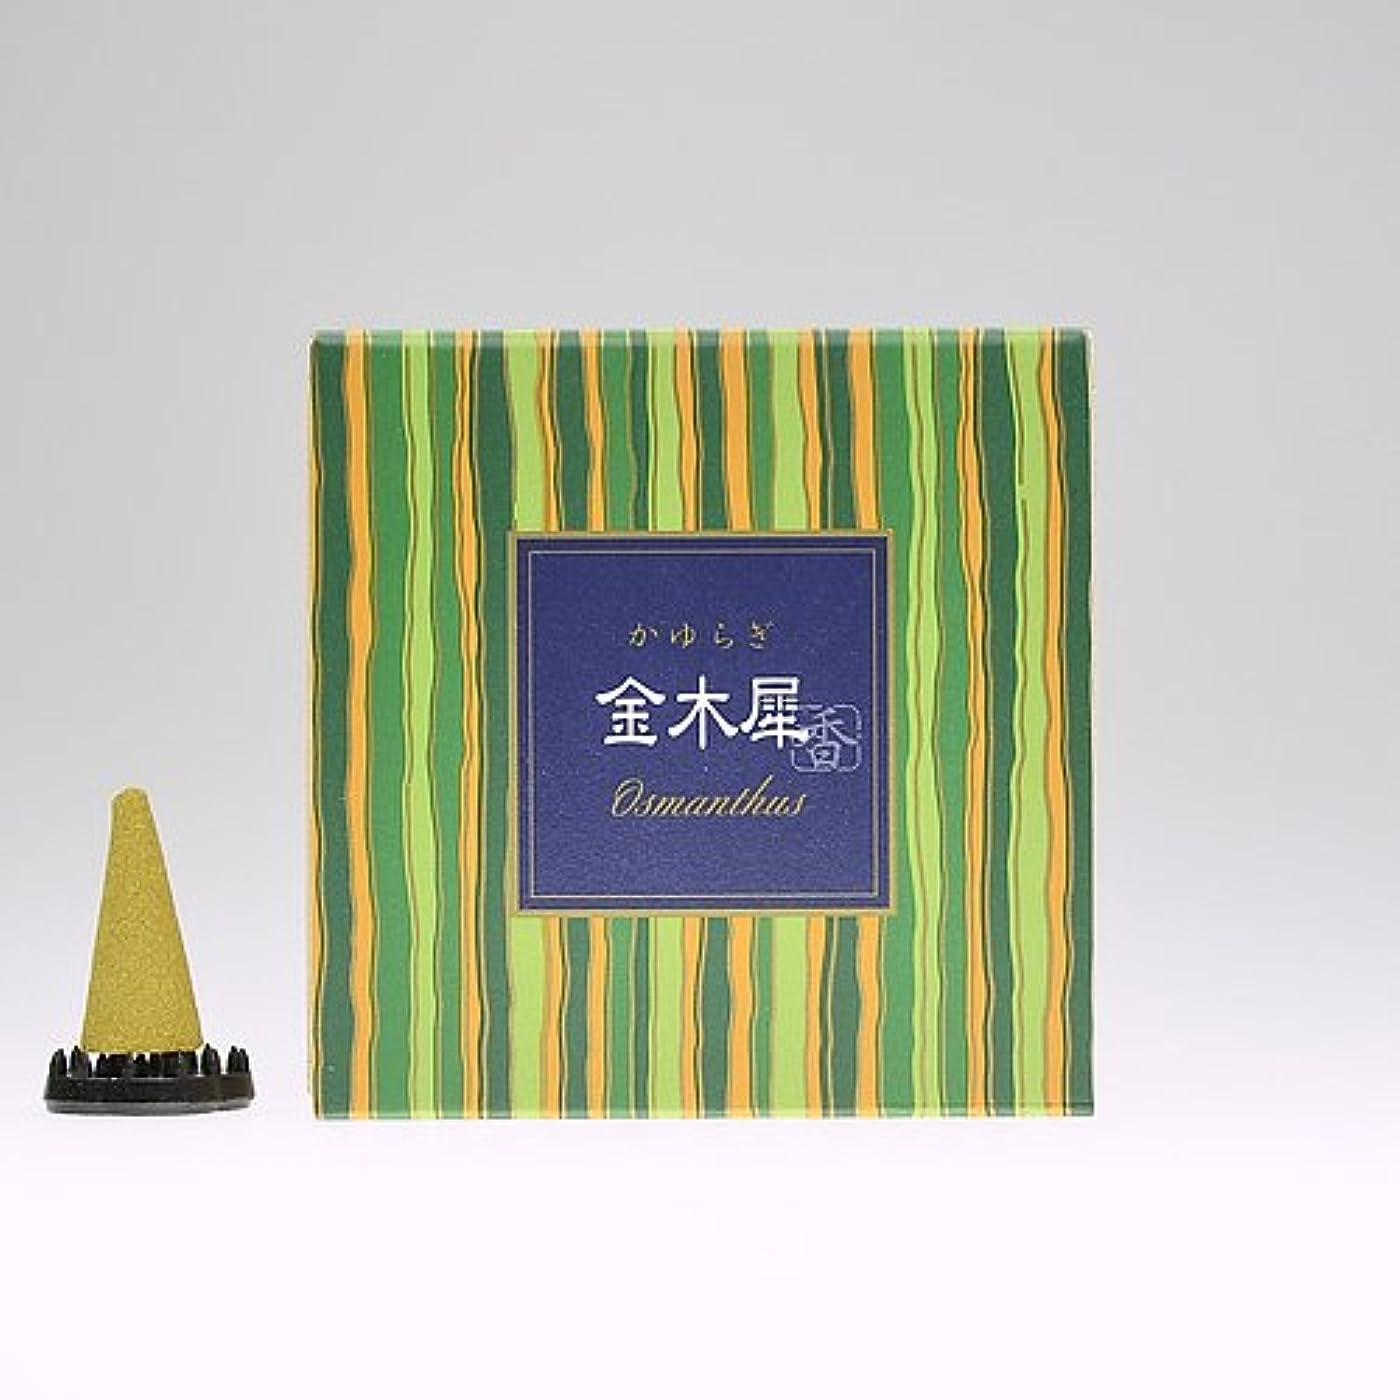 保護合計配置日本香堂 かゆらぎ お香コーン 12個入 「金木犀(きんもくせい)」 4902125384149